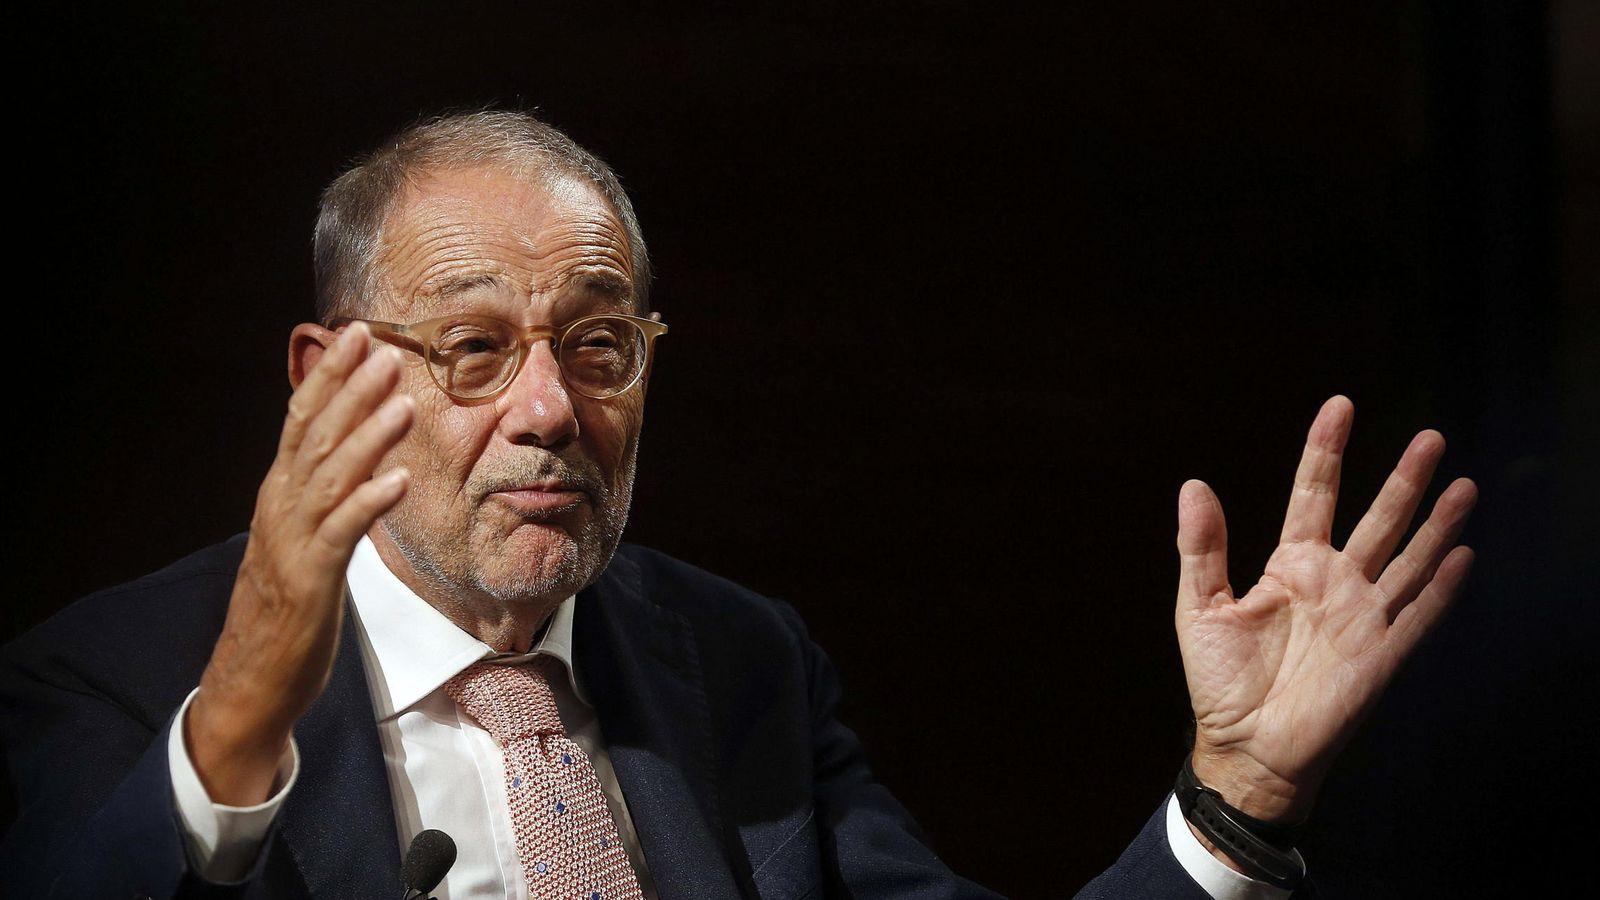 Foto: El exsecretario general de la OTAN Javier Solana. (EFE)